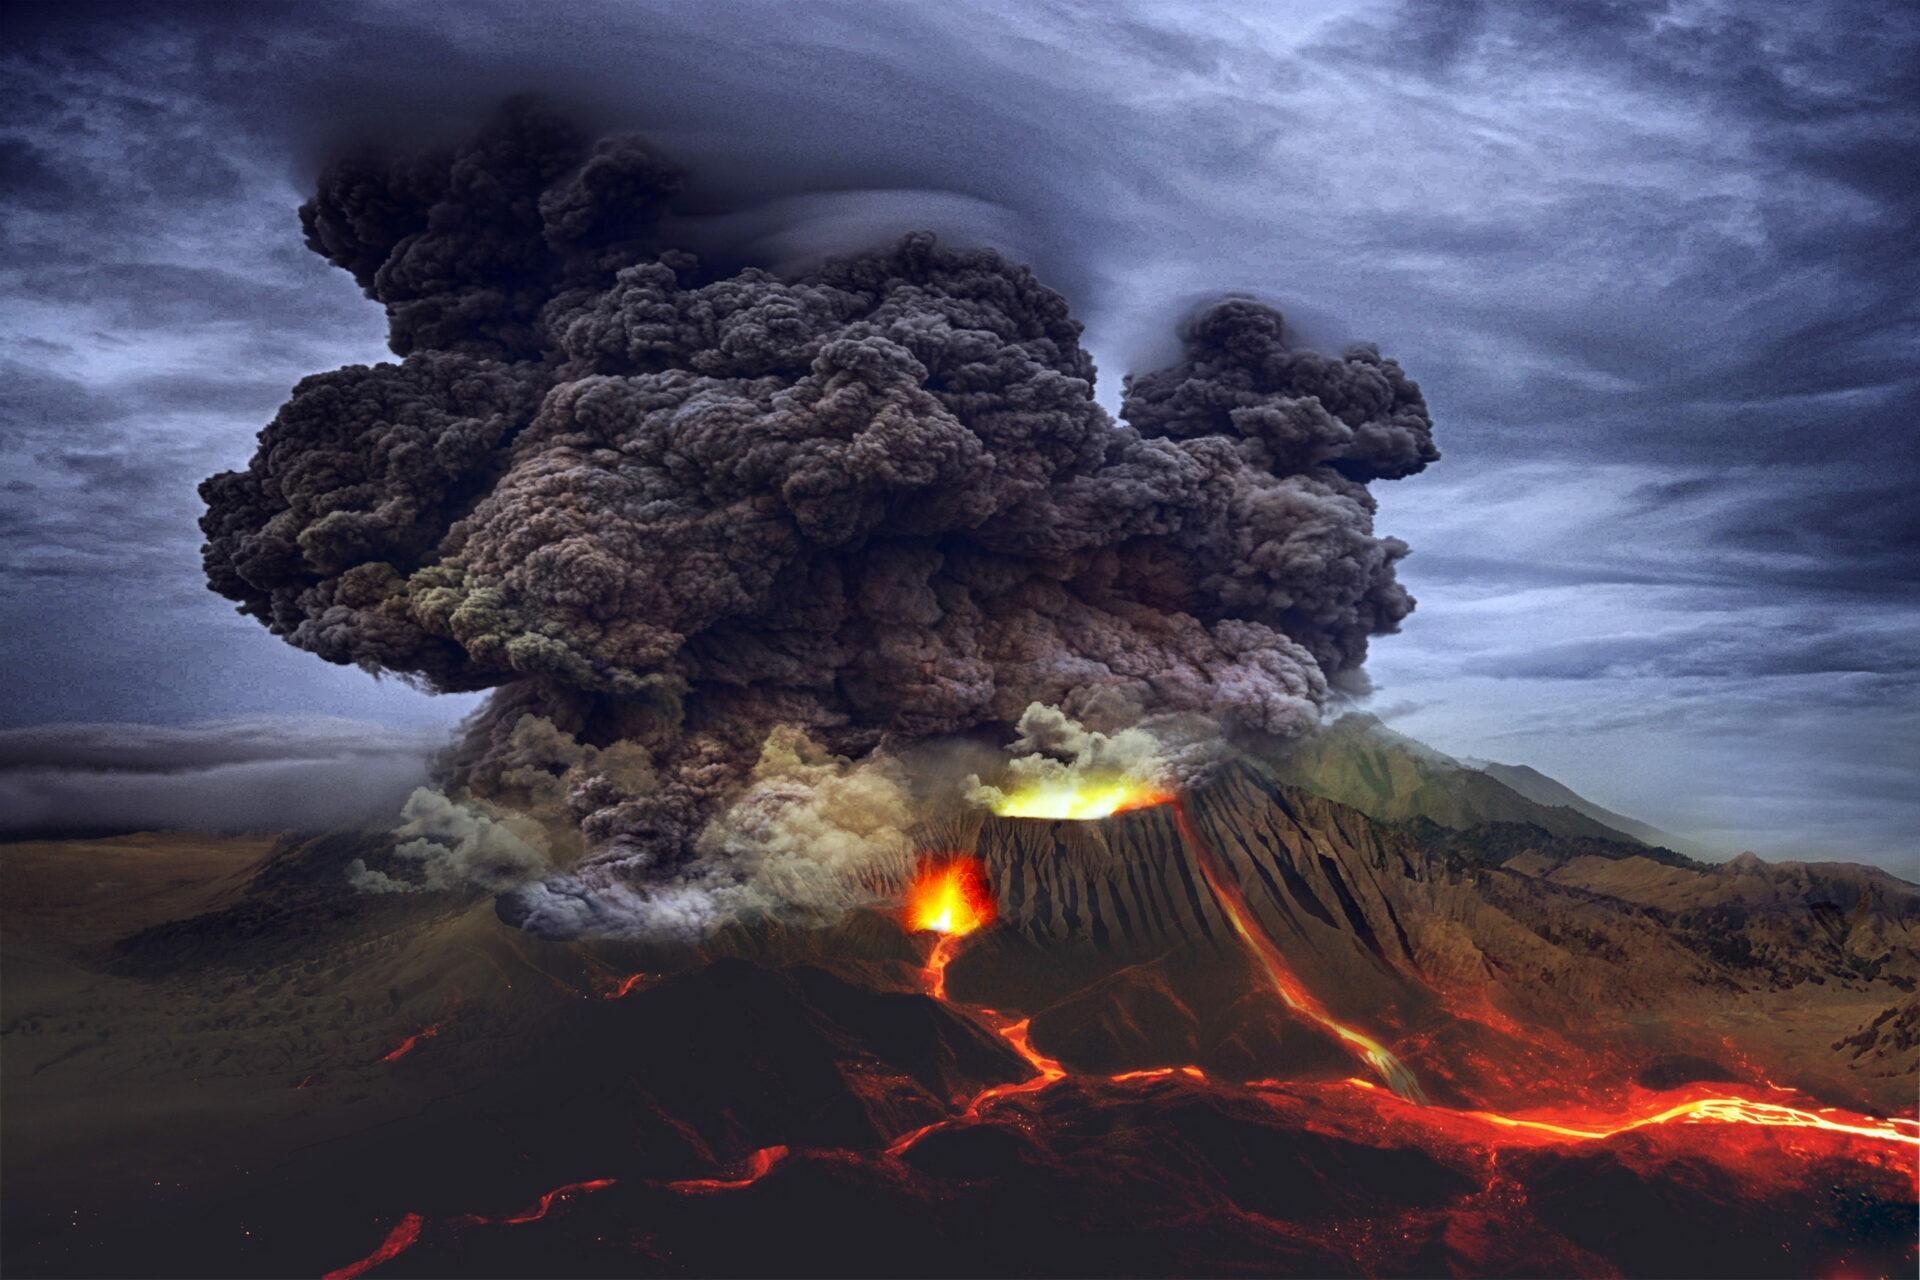 Ученые заявили, что нет верного способа предсказать извержение супервулкана